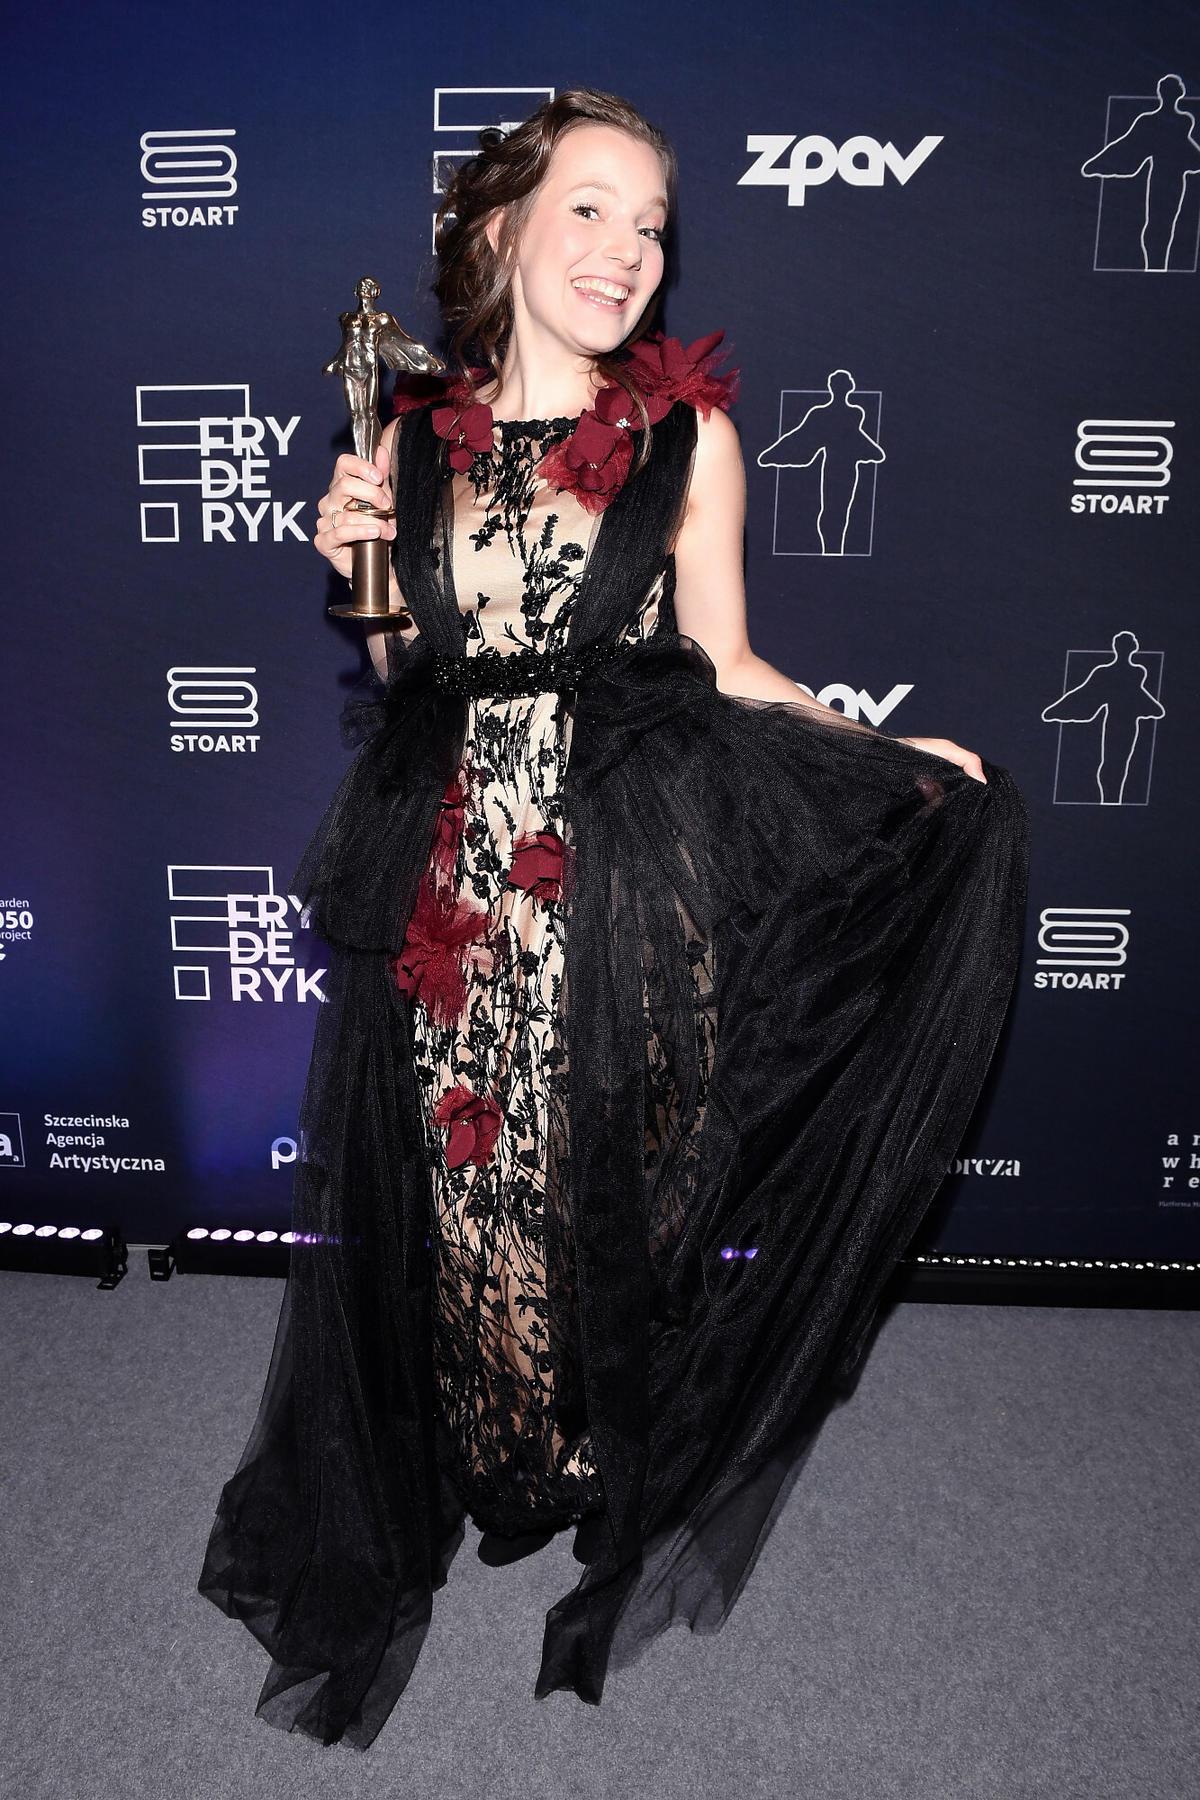 Sanah w czarnej sukience na ściance